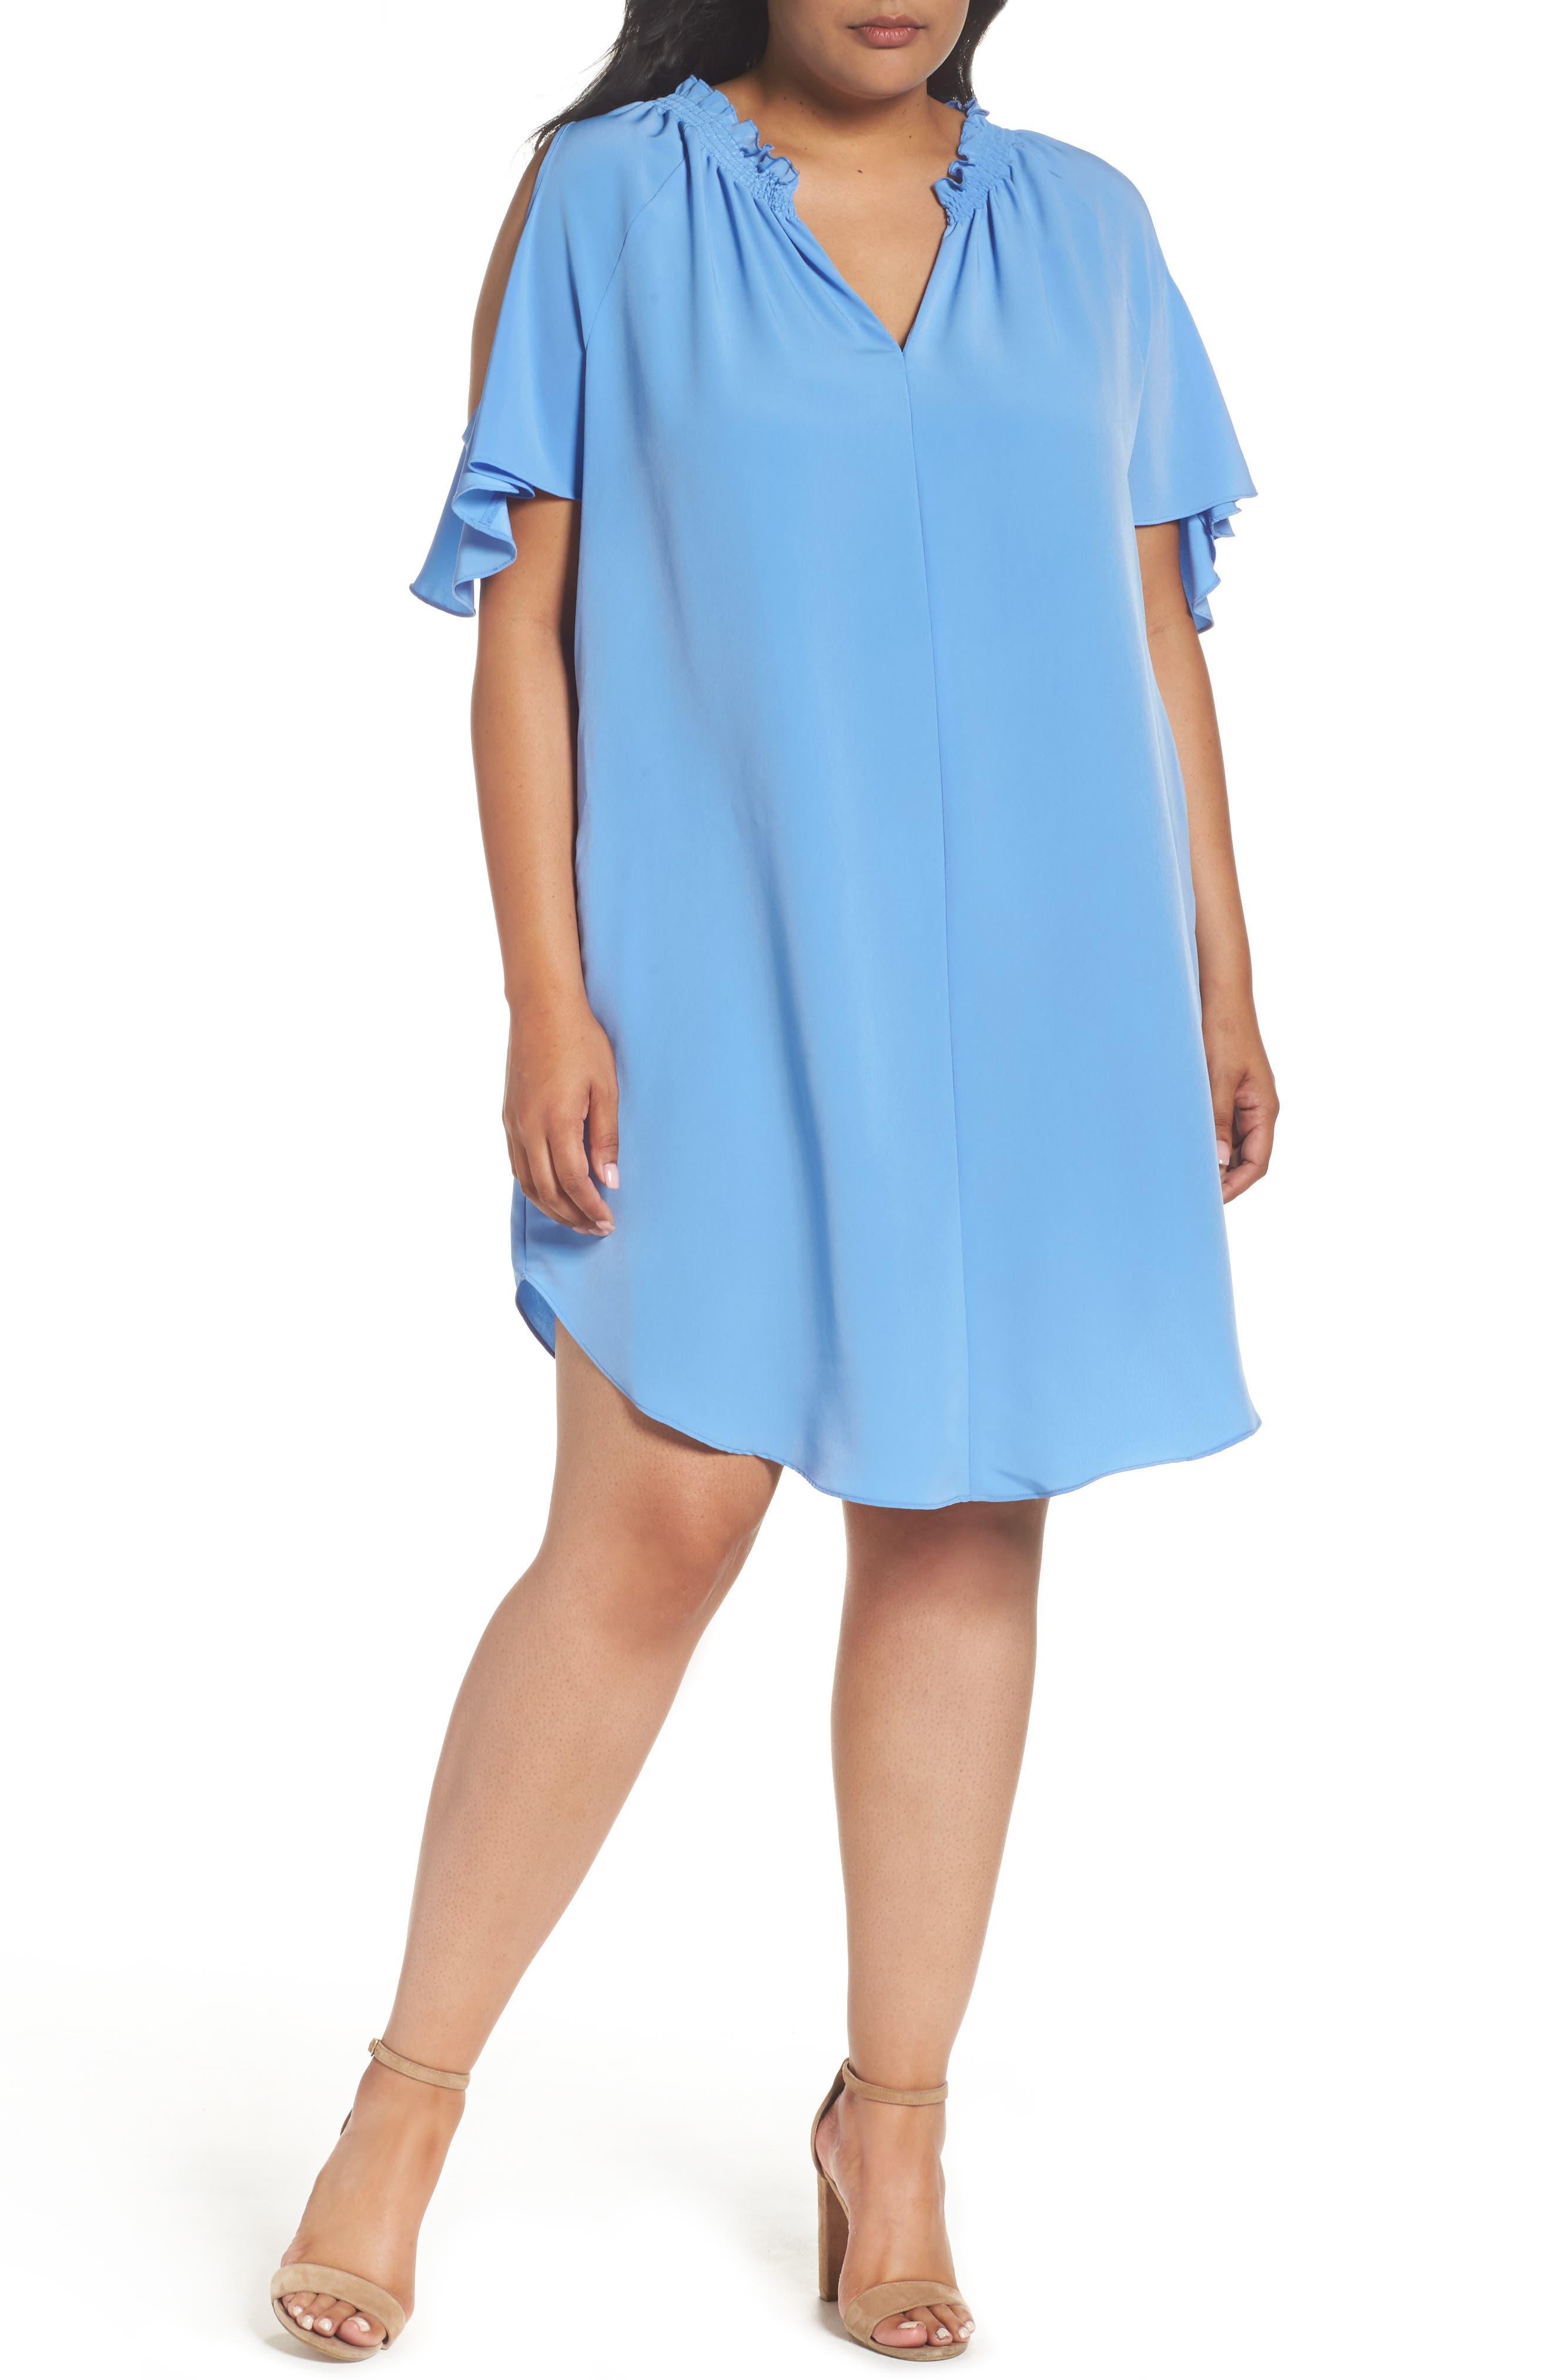 RACHEL Rachel Roy Elizabeth Cold Shoulder Dress (Plus Size)